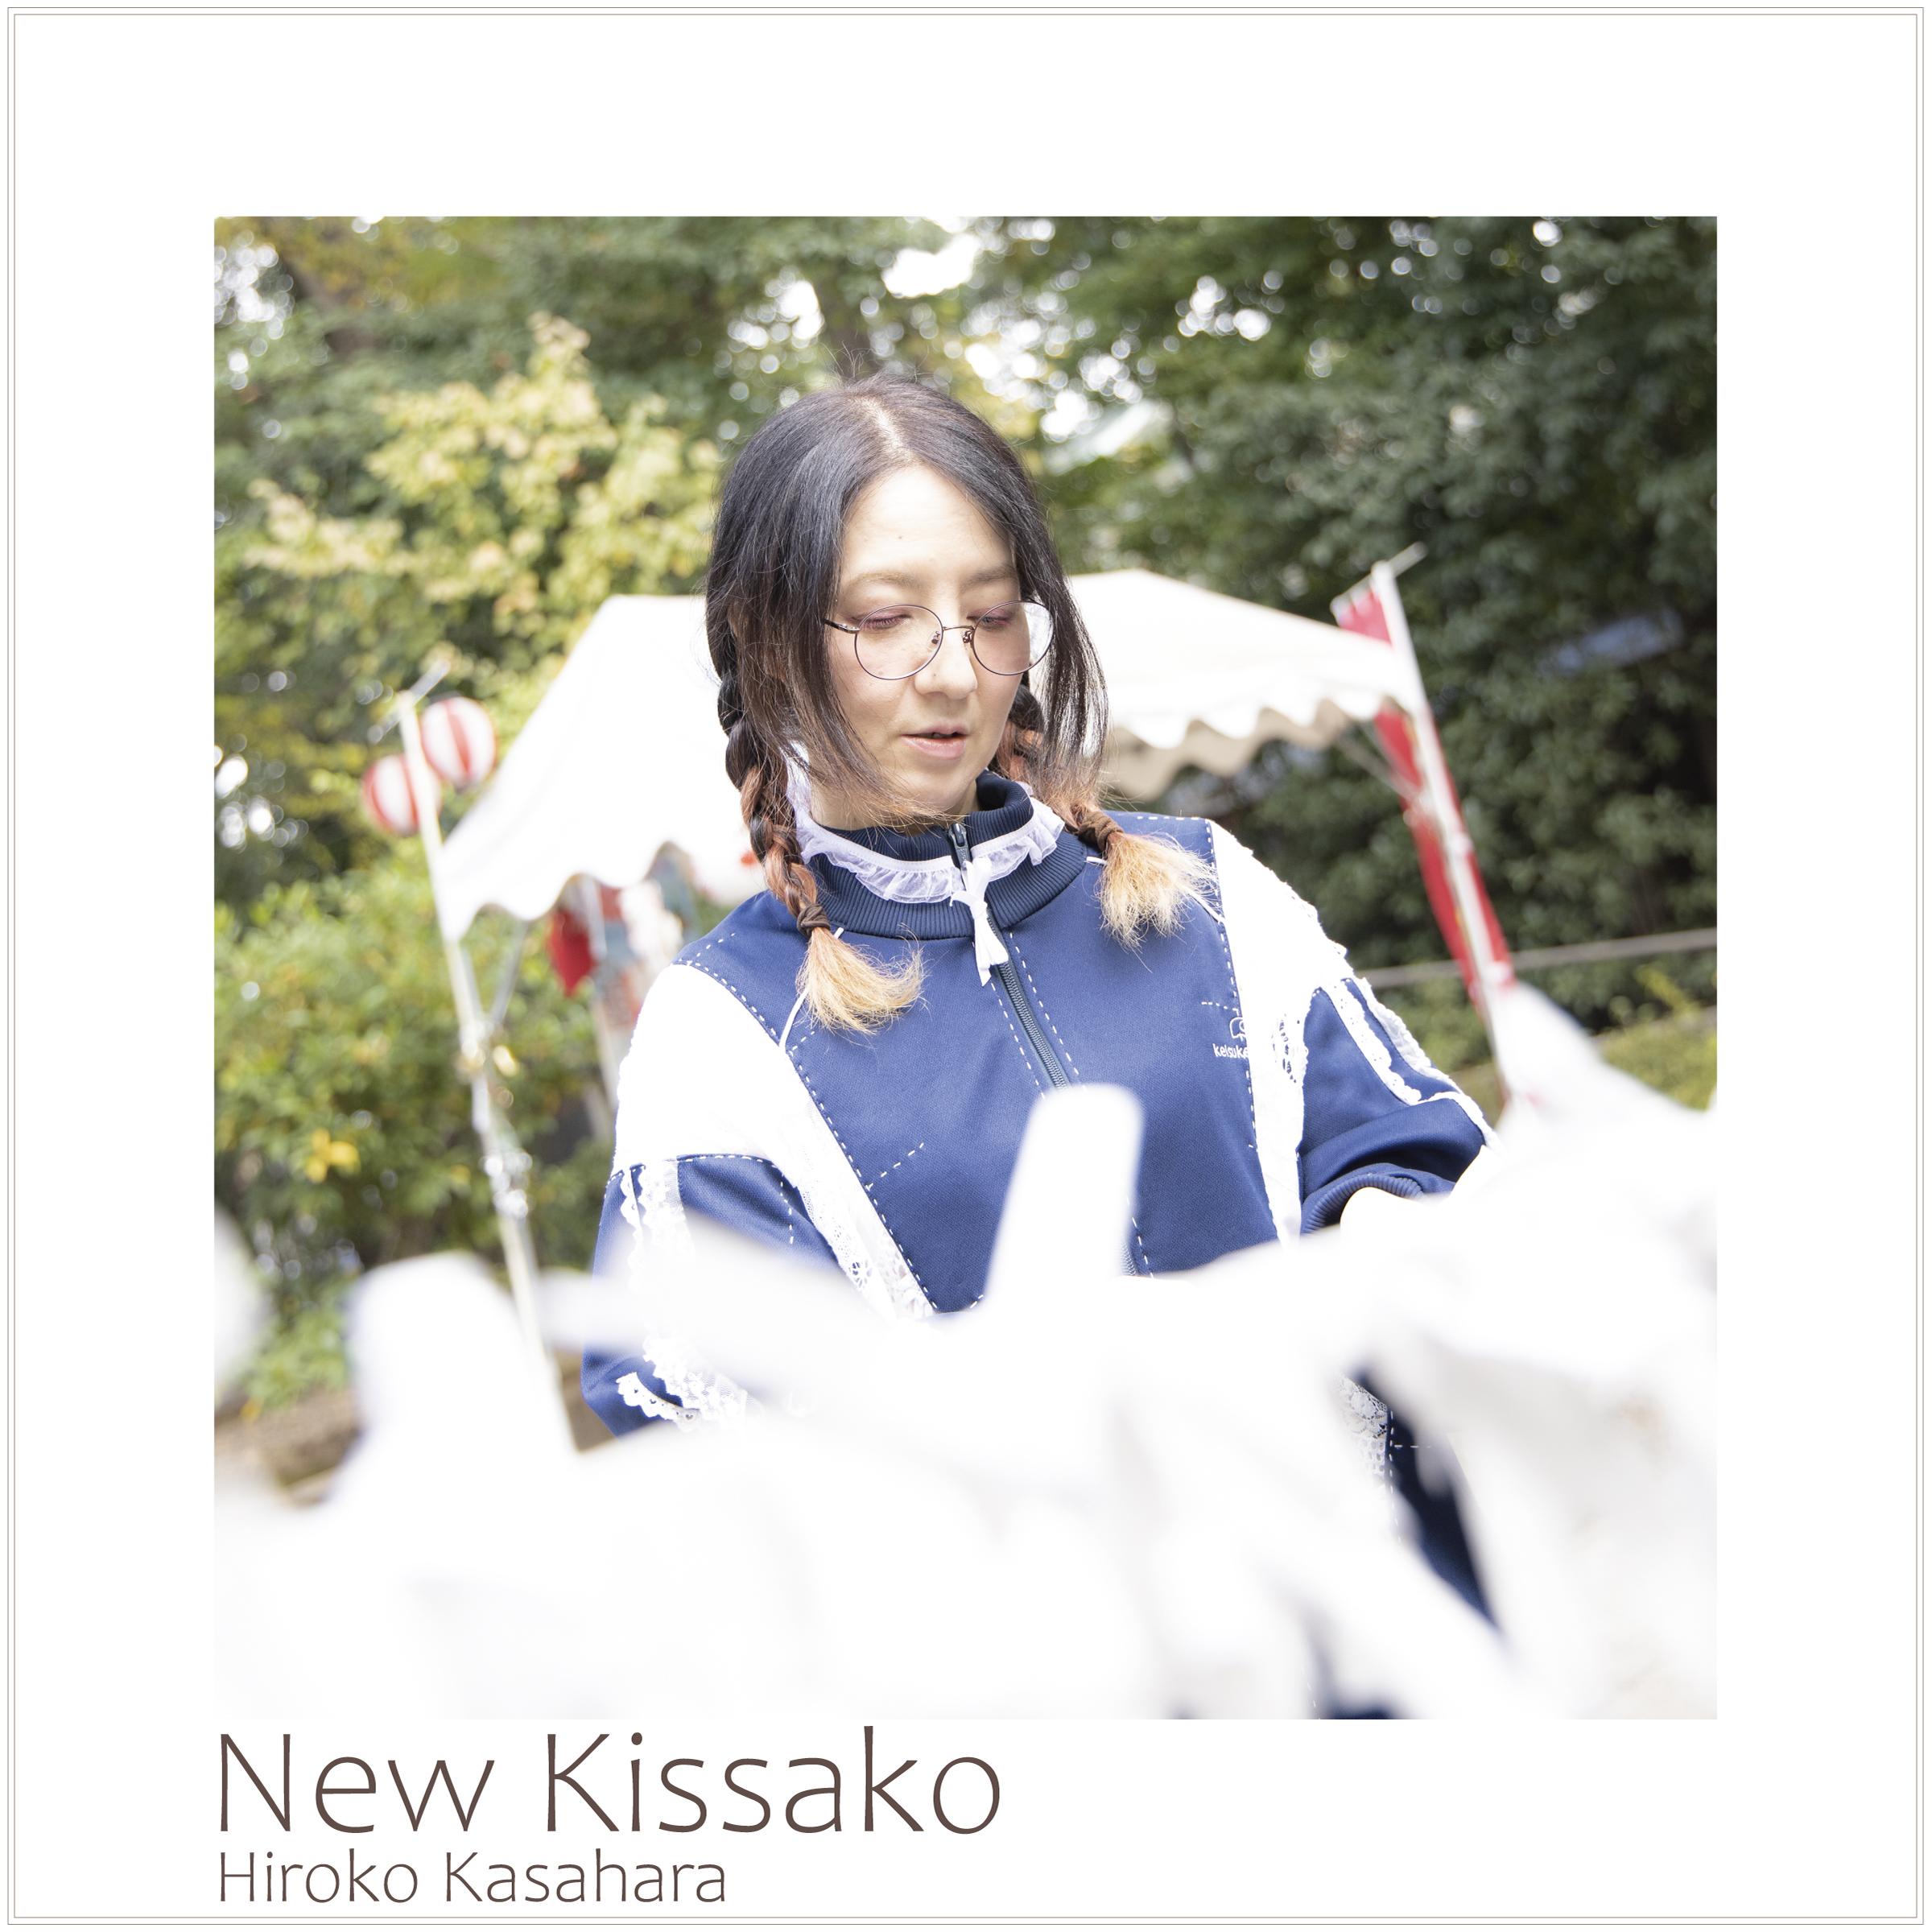 New Kissako Image